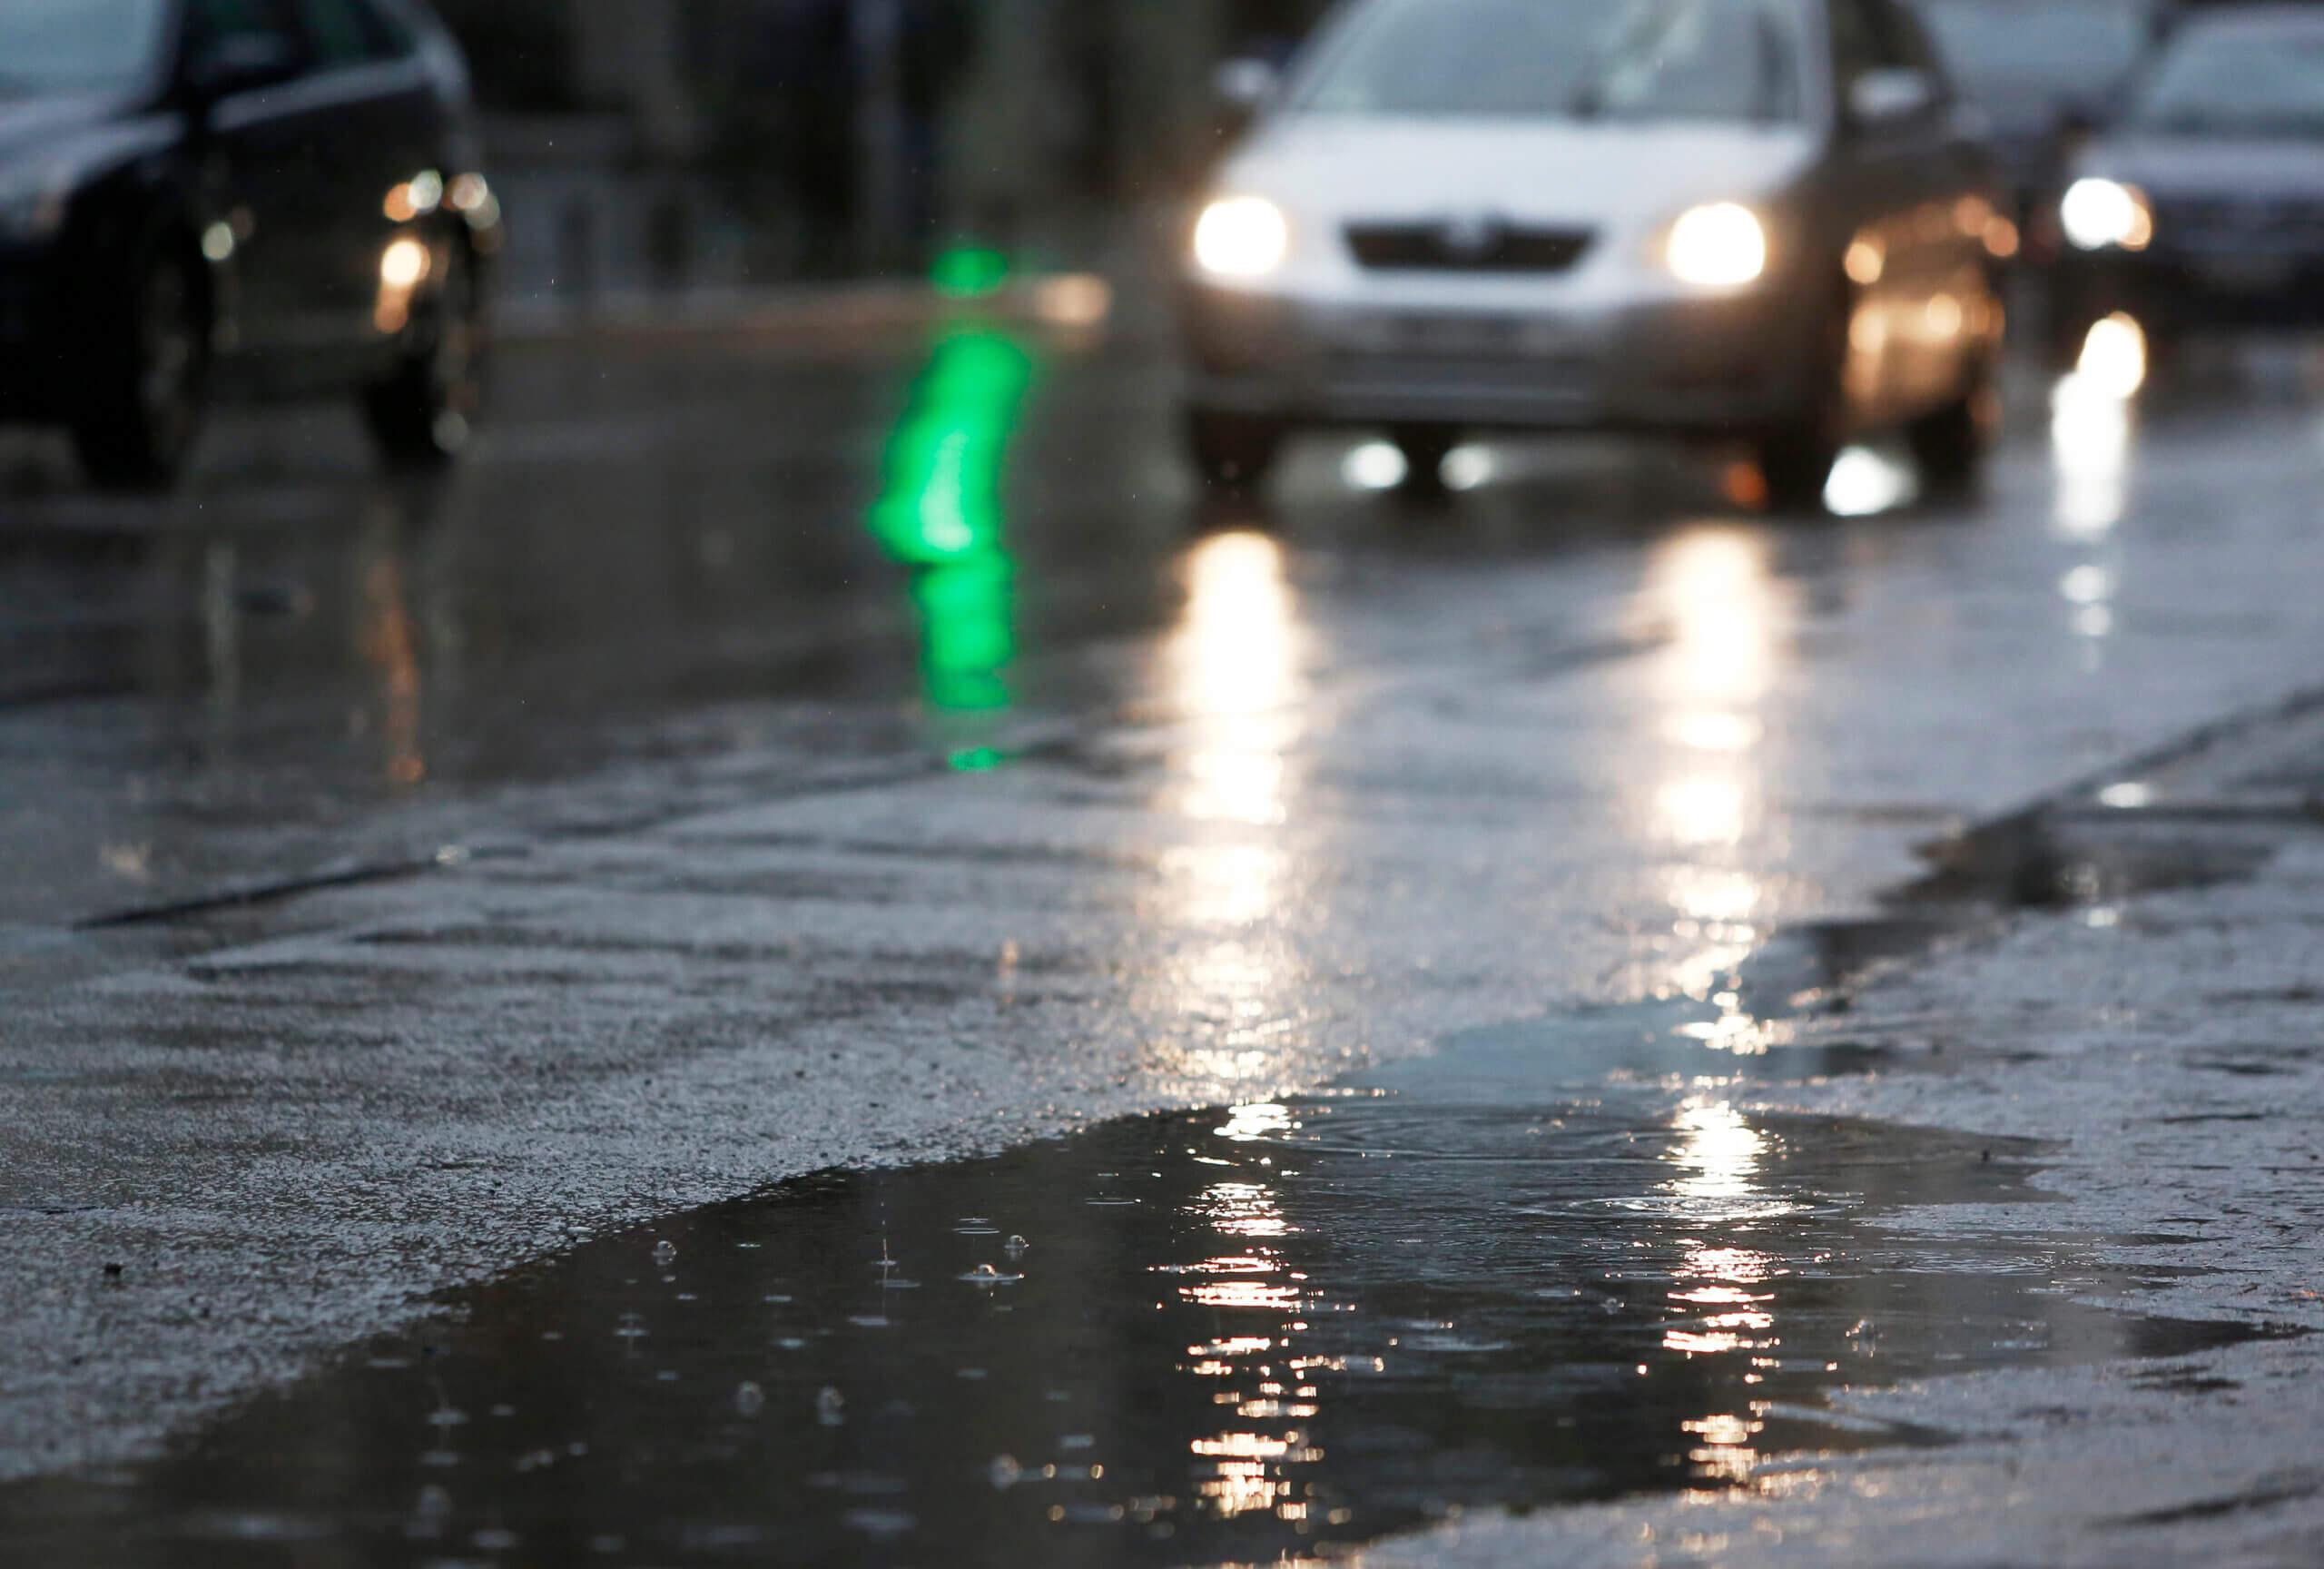 Καιρός : Βροχές, σποραδικές καταιγίδες και χιονοπτώσεις